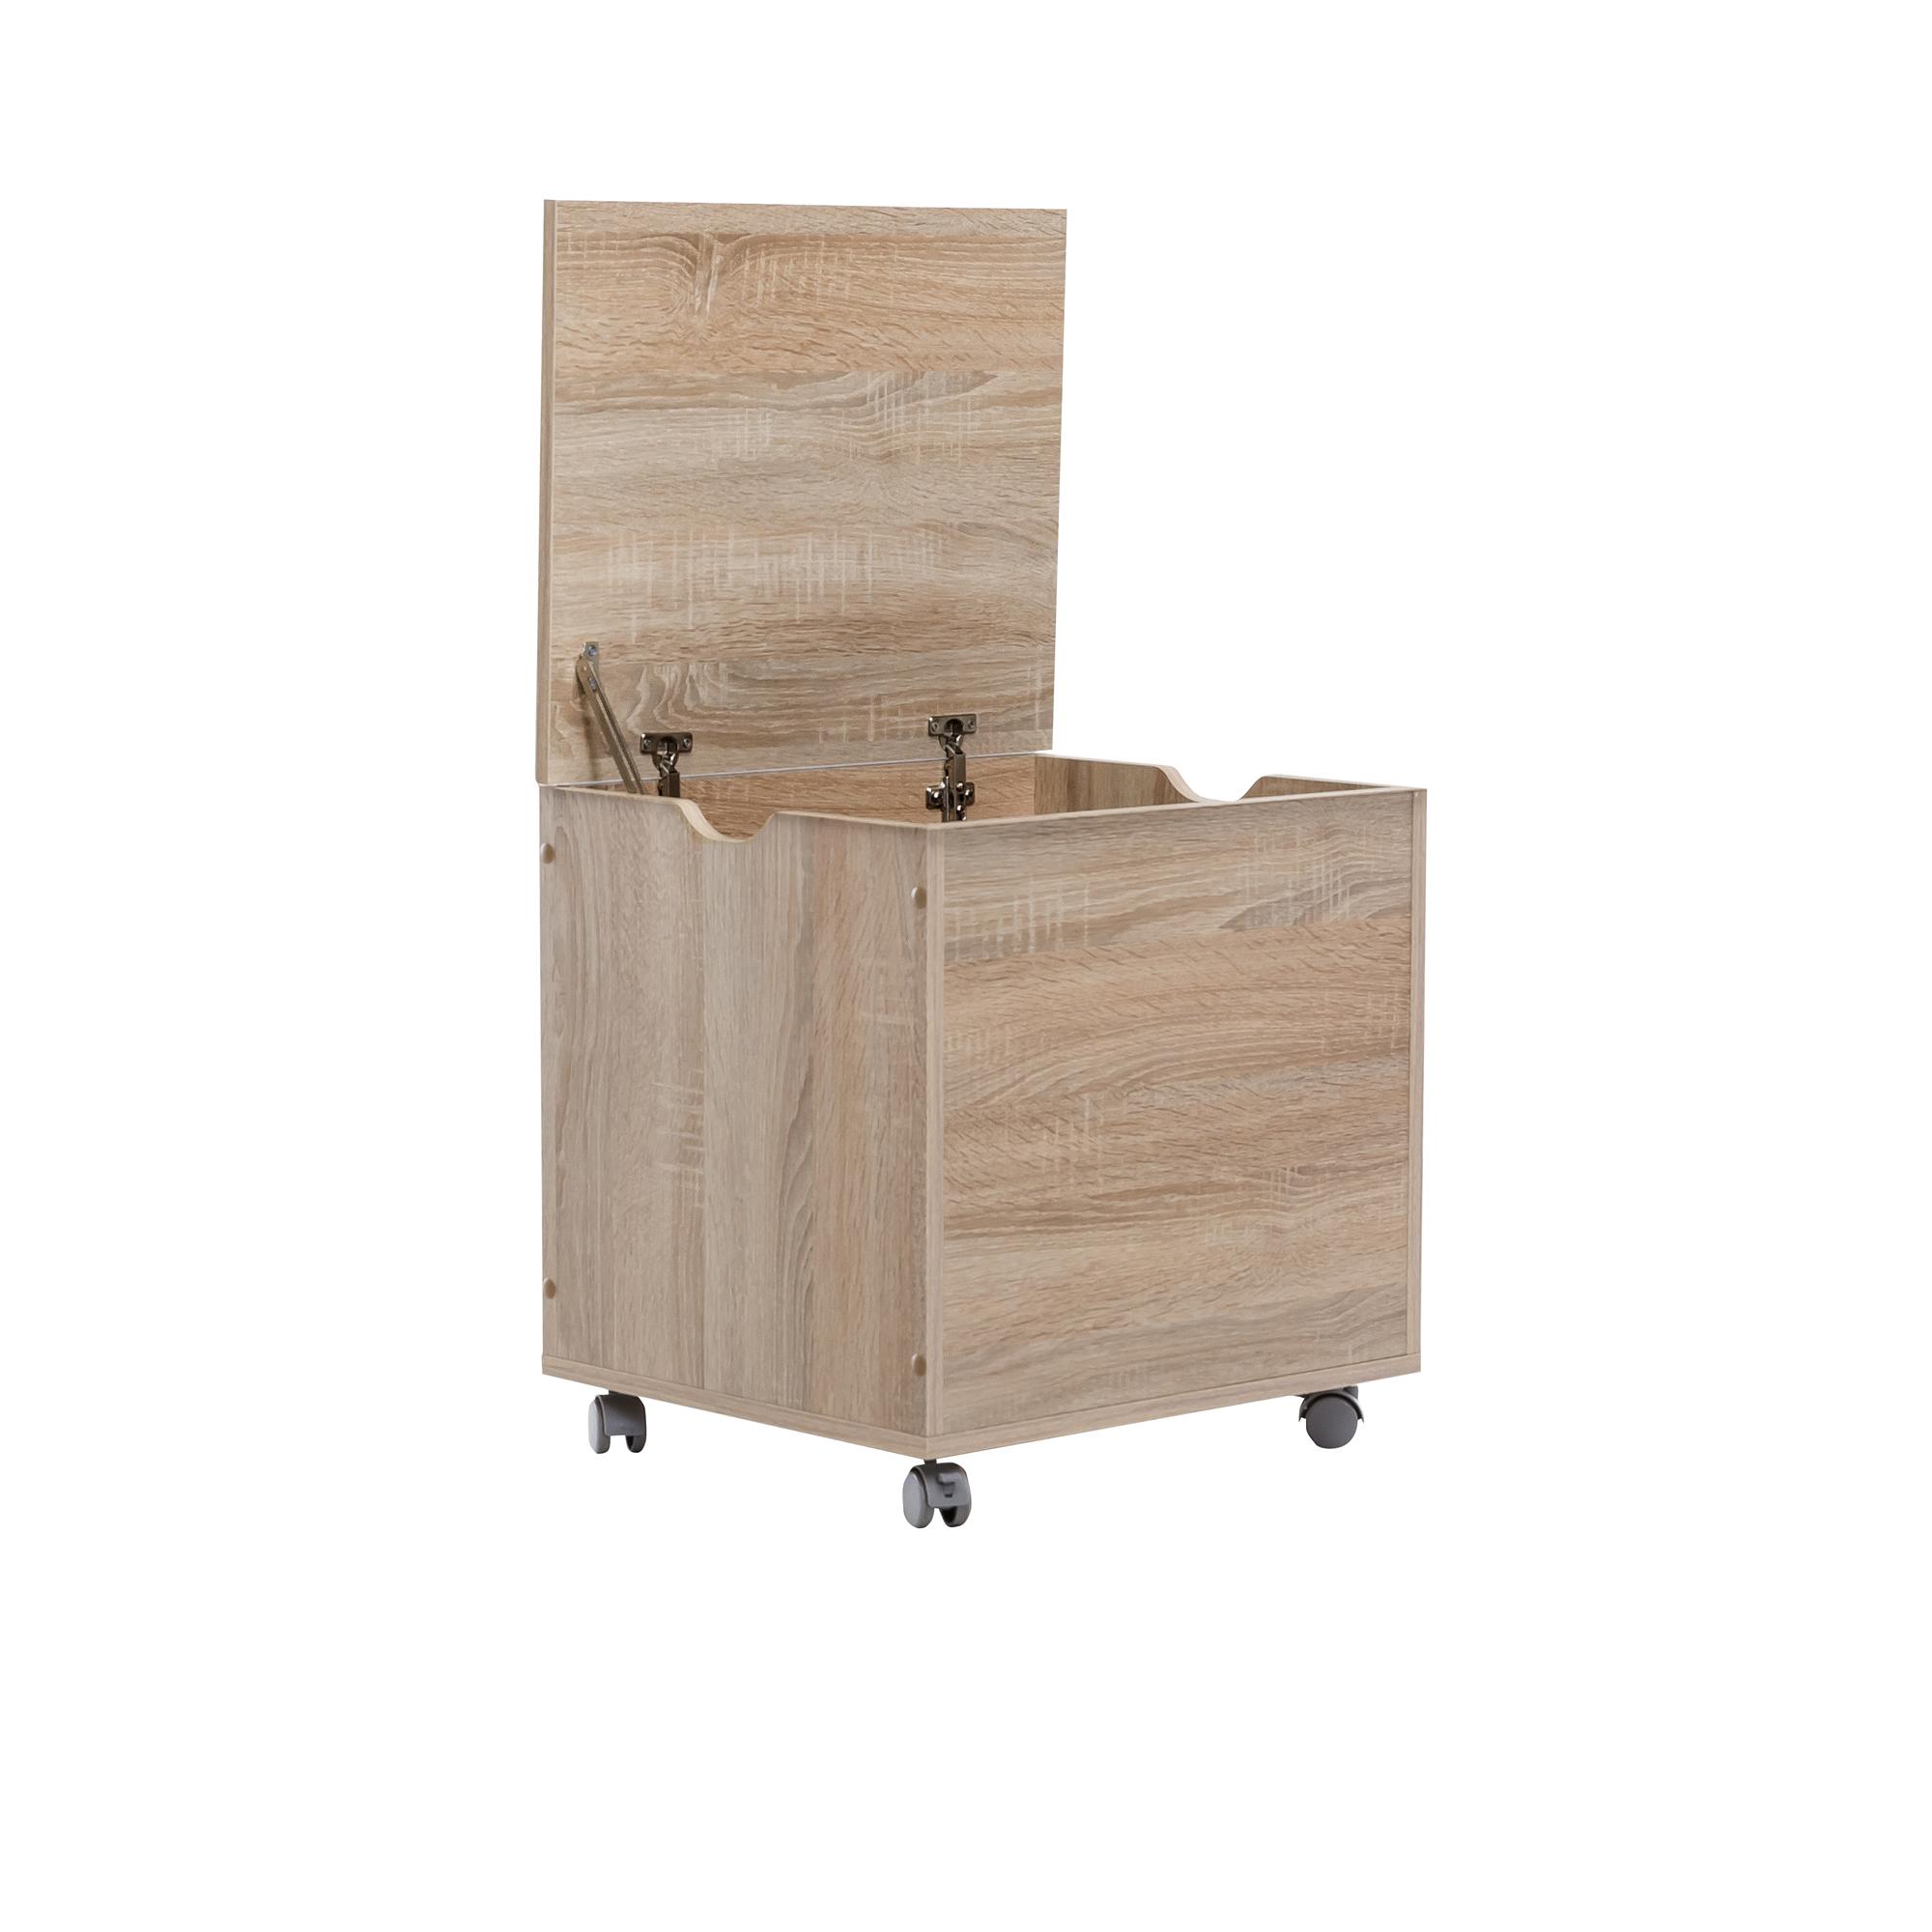 truhe maxi mit klappdeckel und rollen 50 cm breit. Black Bedroom Furniture Sets. Home Design Ideas